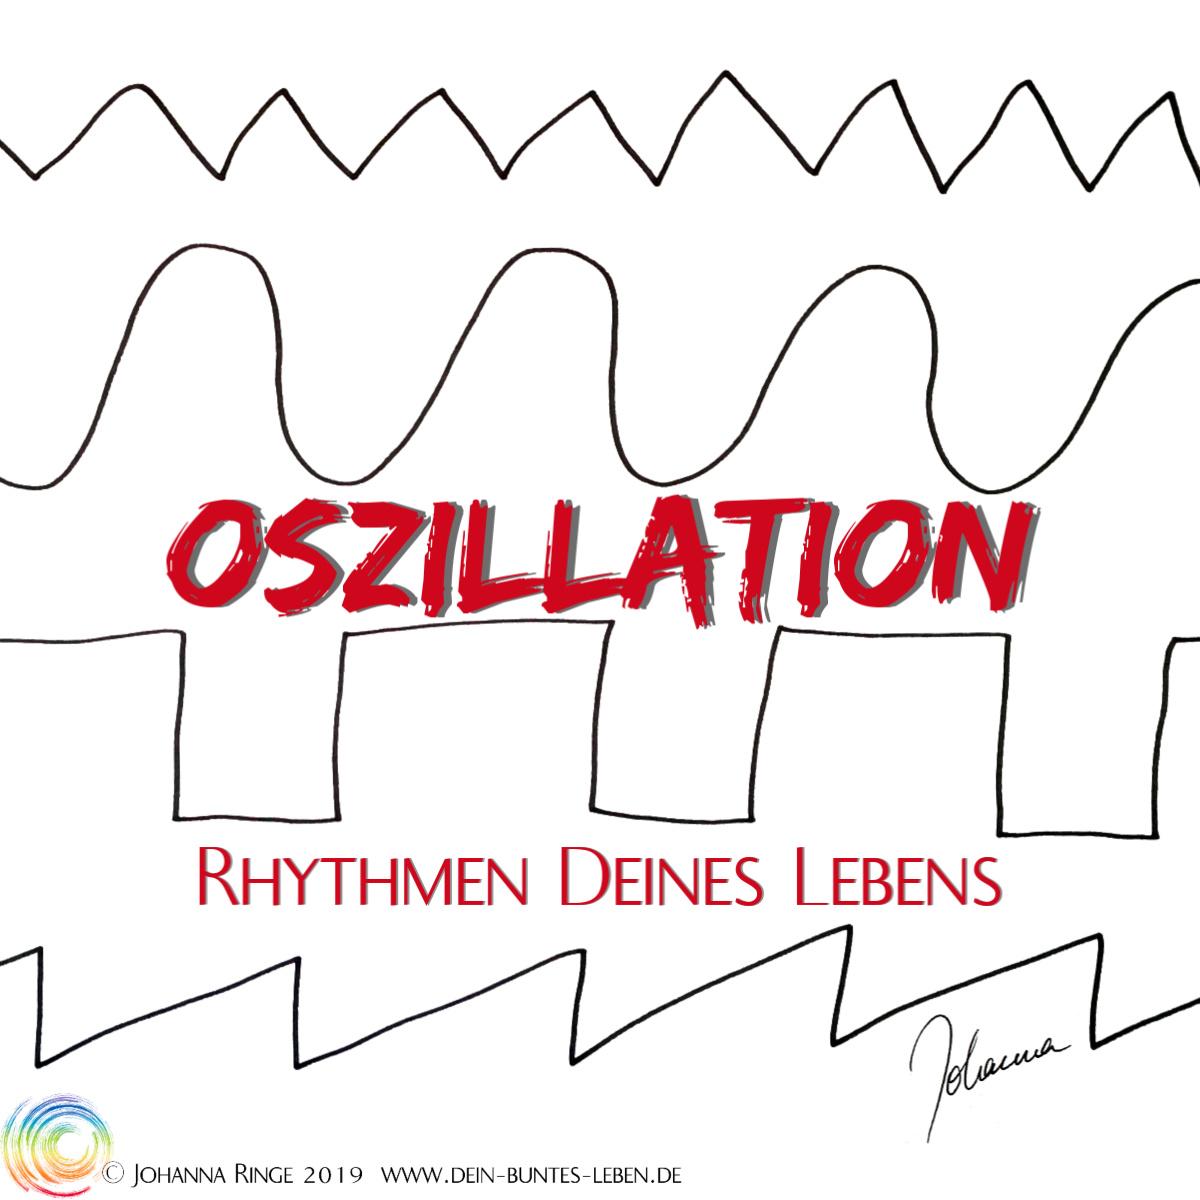 Oszillation, Rhythmen Deines Lebens. Im Hintergrund Wellenformen: Sinus, Rechteck, Dreieck, Sägezahn. ©Johanna Ringe 2019. www.dein-buntes-leben.de